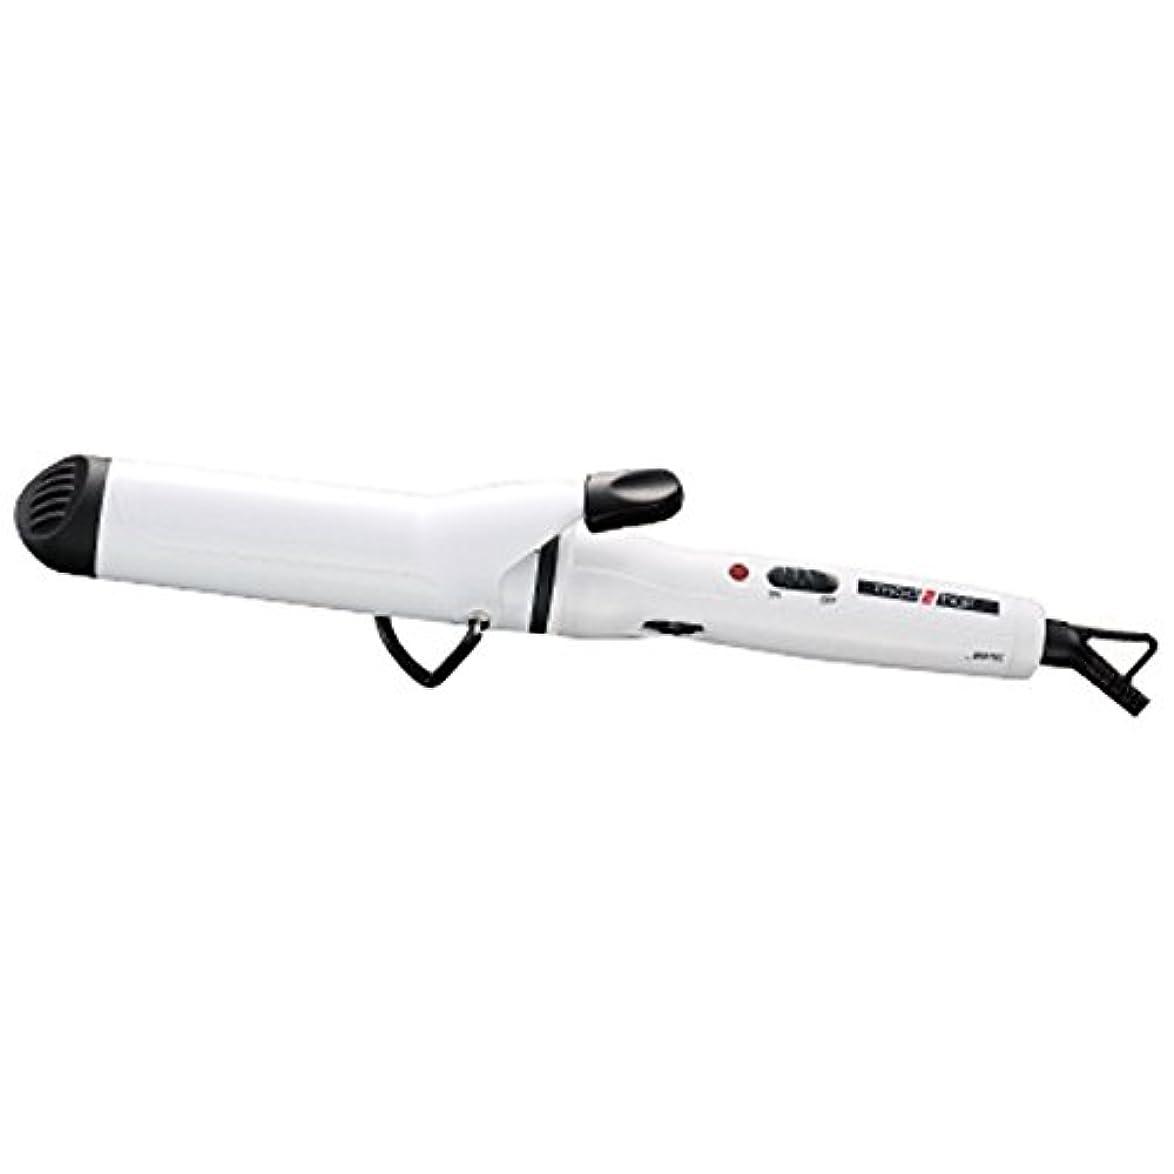 十一小競り合い軽MHI-3843-W カーリングアイロン38mm